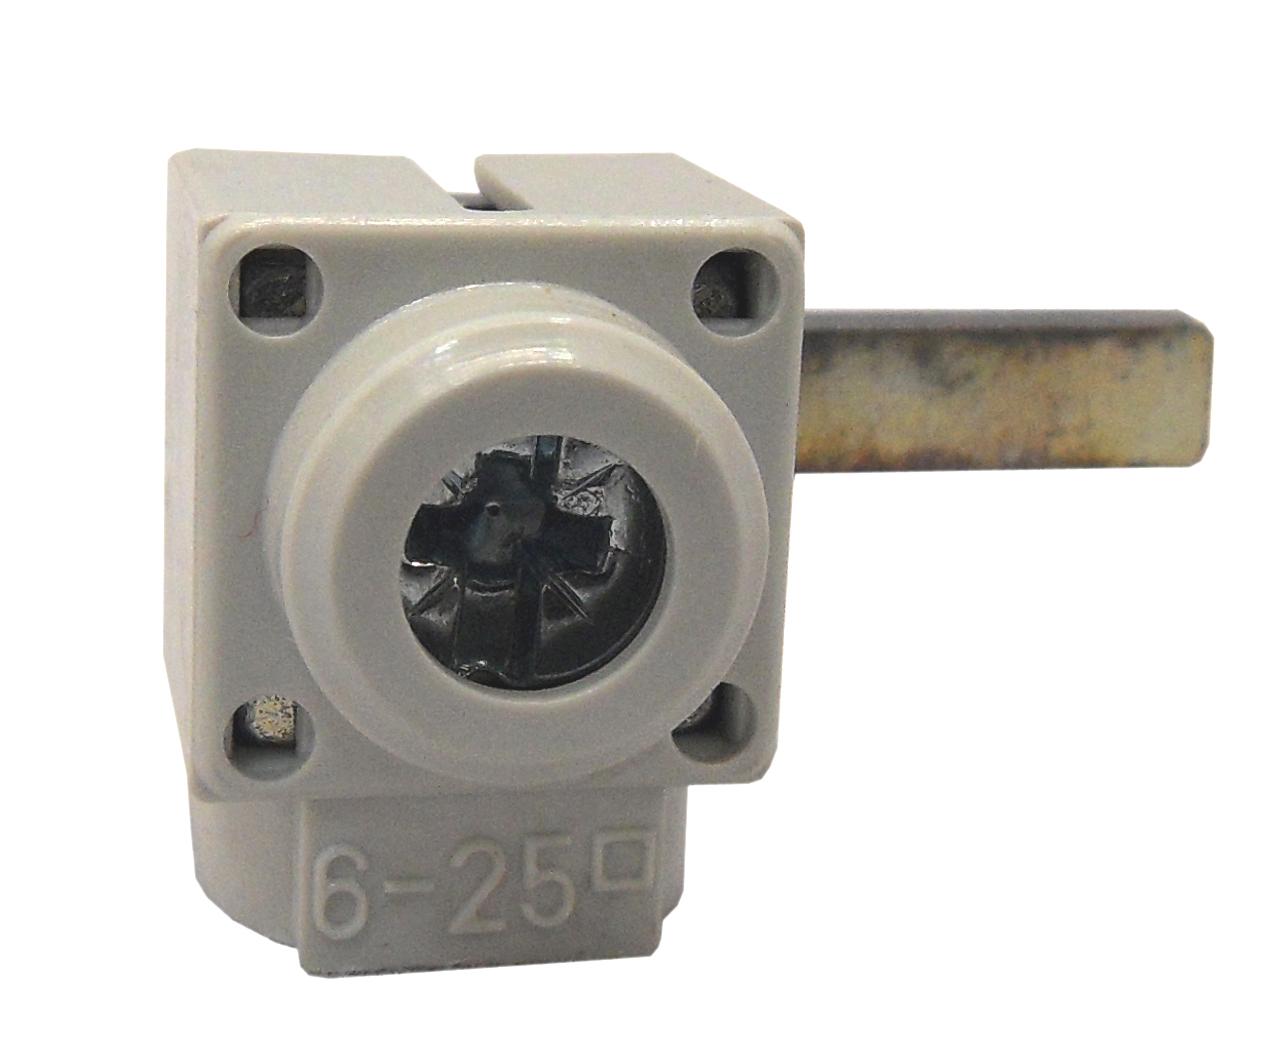 1 Stk Anschlußklemme, Stift, quer, 6-25mm², kurz BS900173--